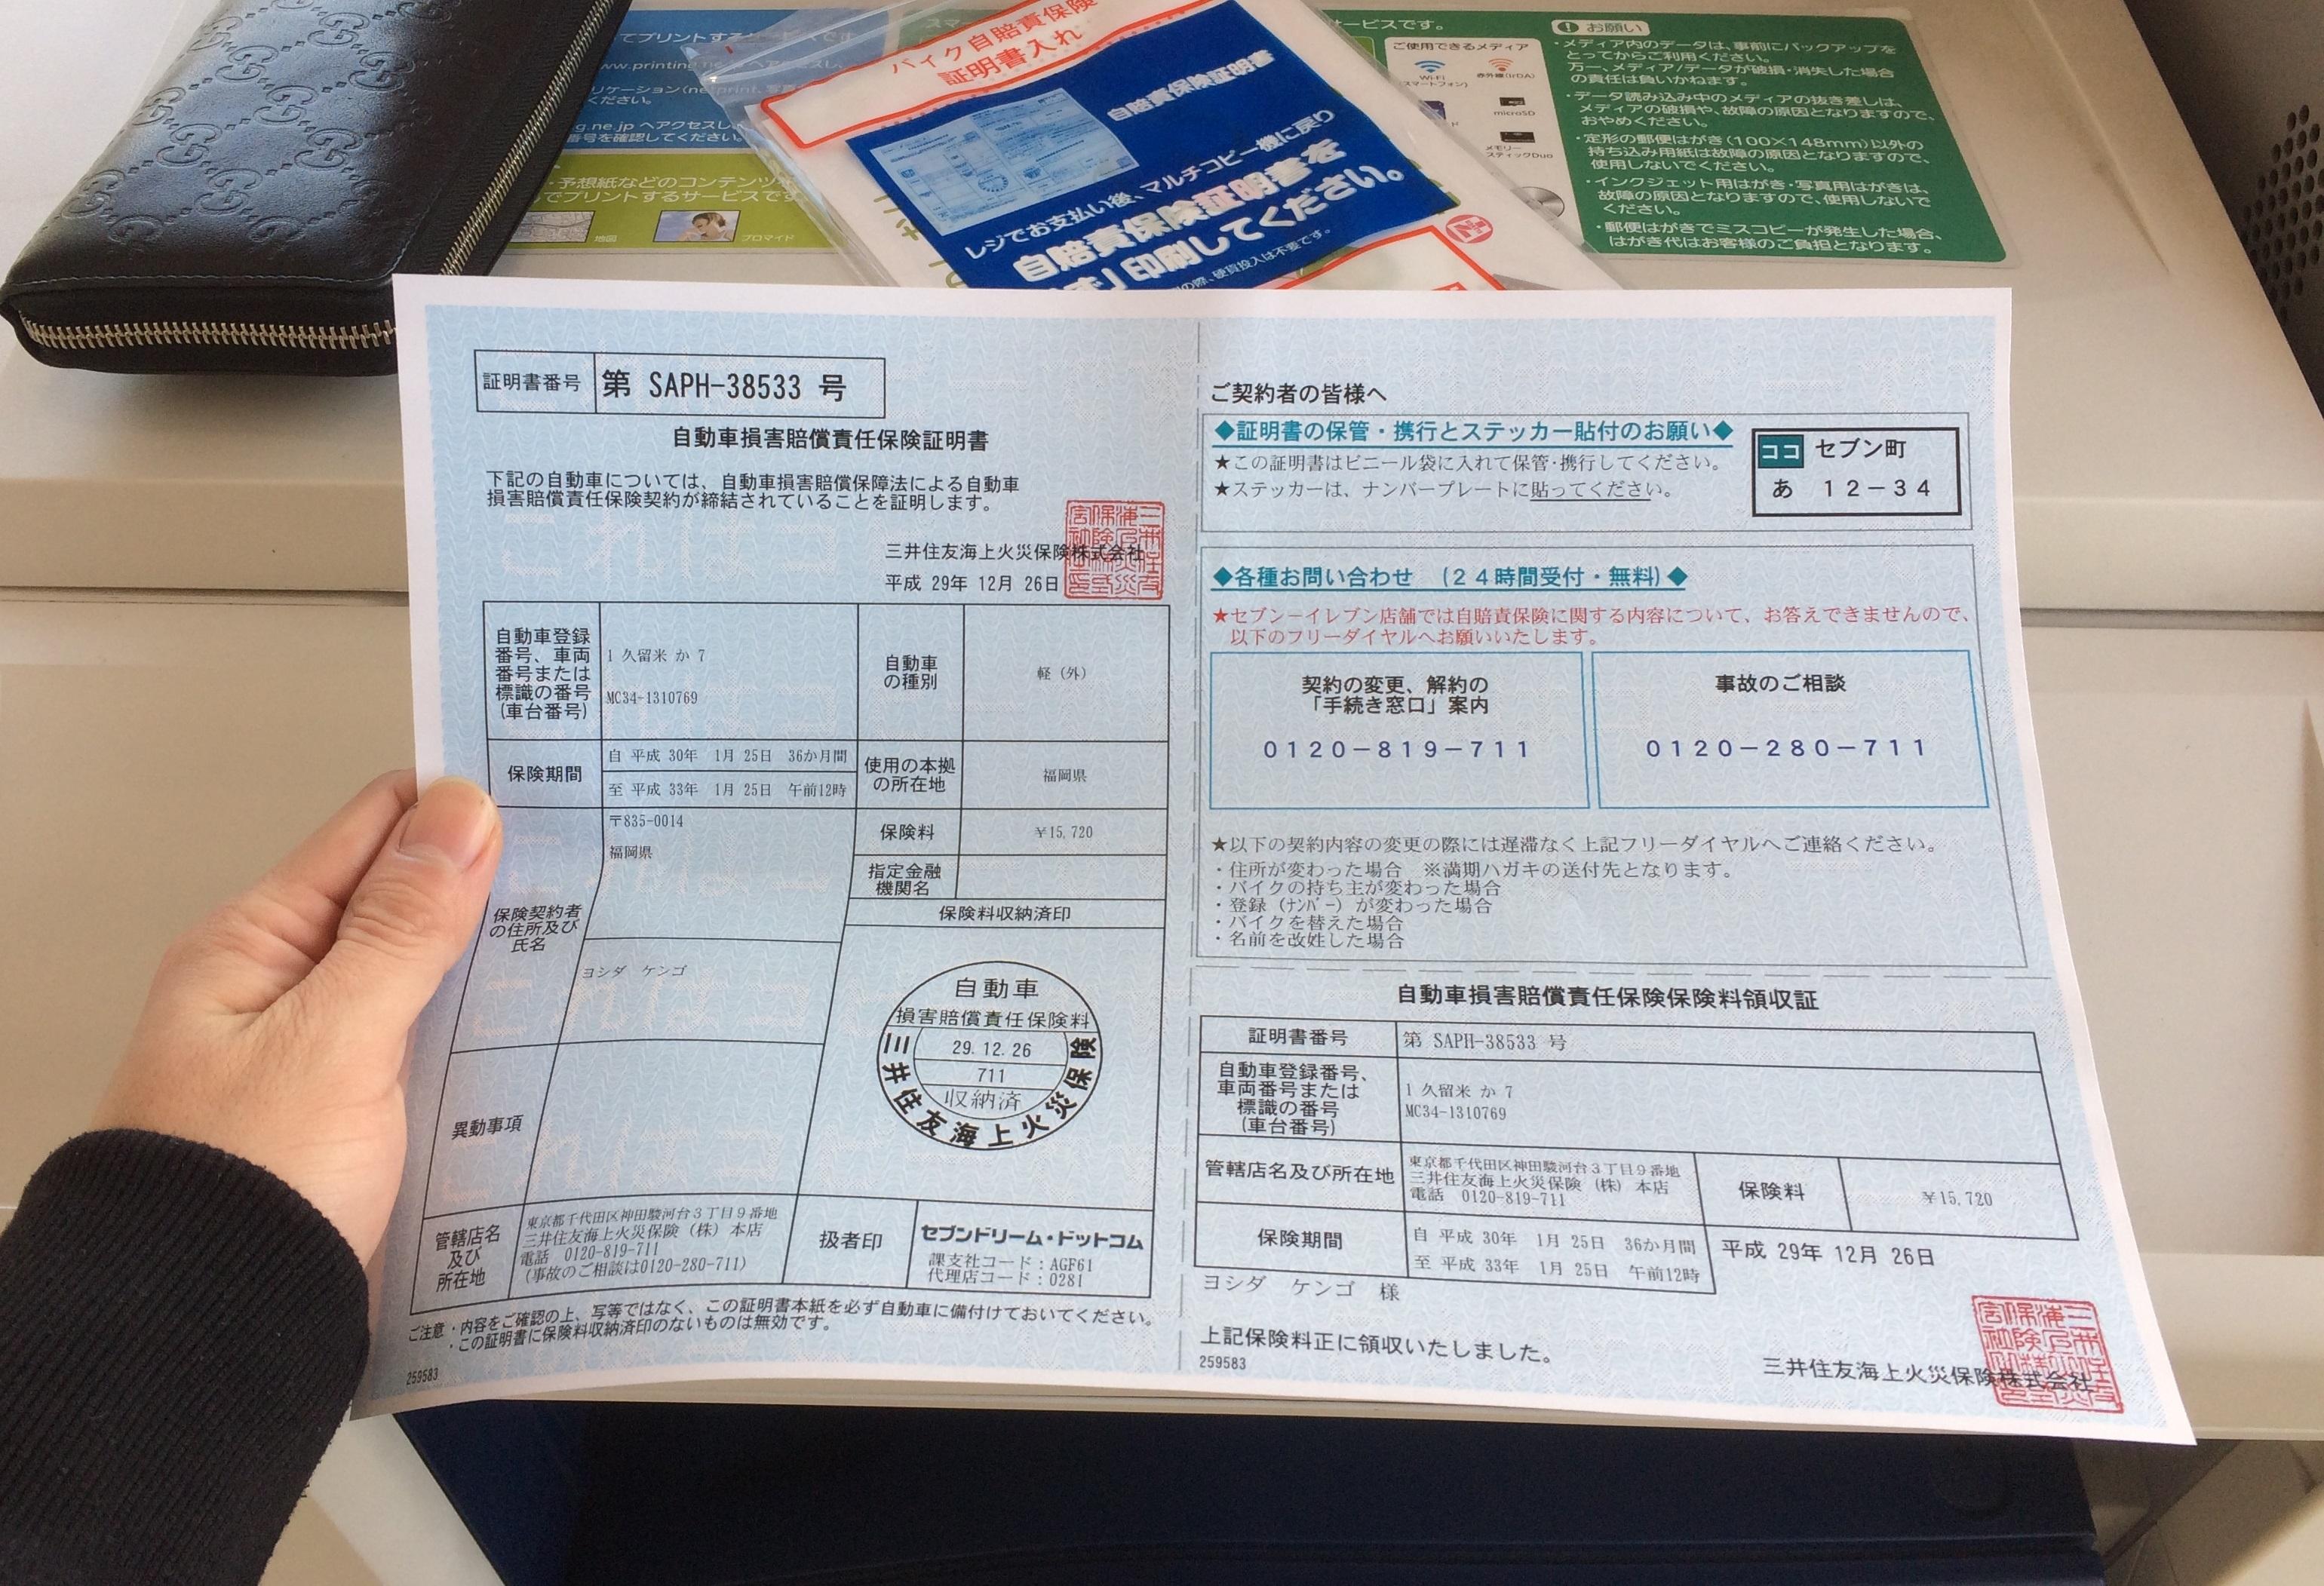 バイクの自賠責 書類 自賠責保険証明書 FTR223